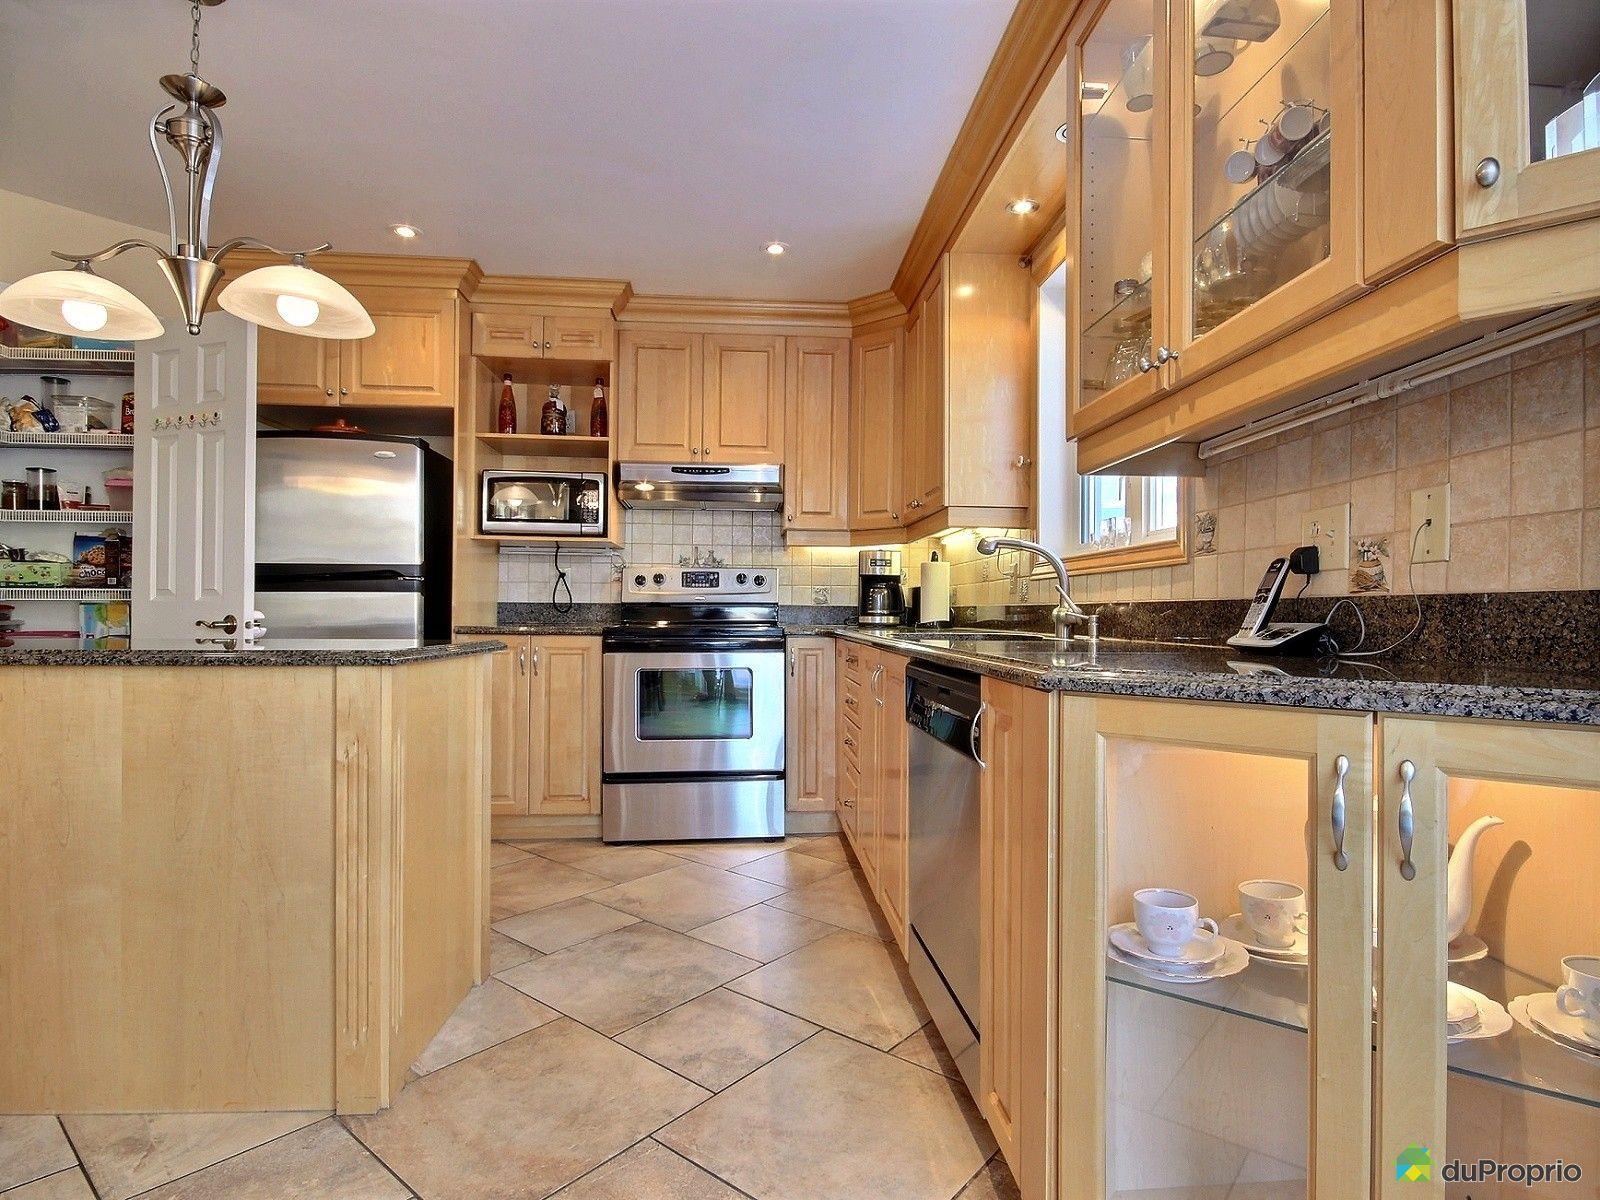 Maison vendre montr al 285 avenue maclean immobilier for Ares cuisine pointe claire